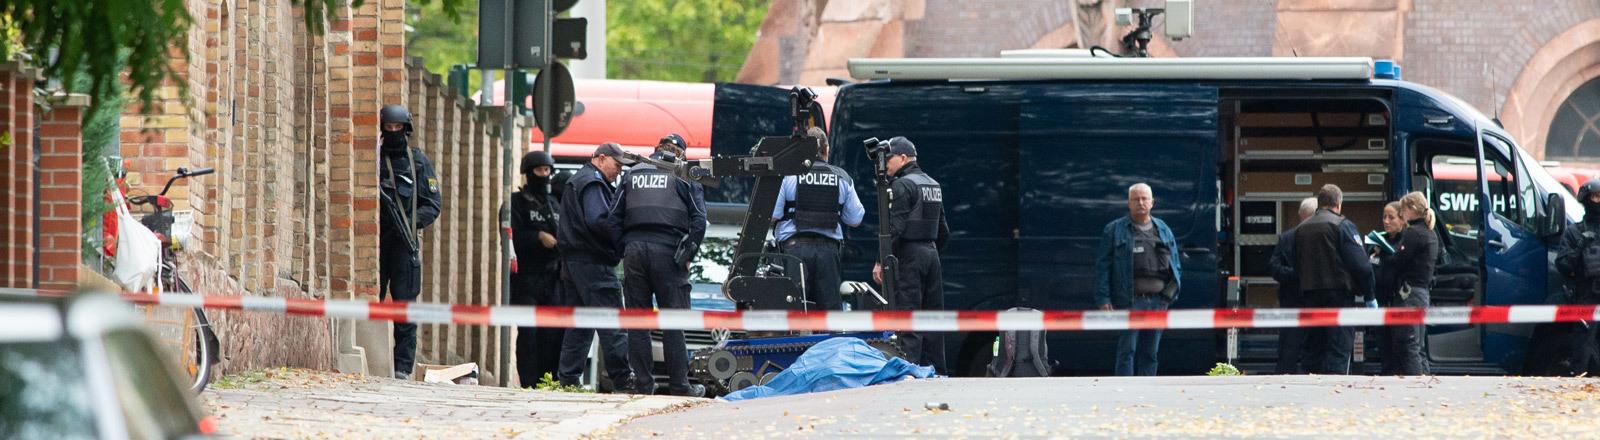 Tatort in Halle vor der Synagoge